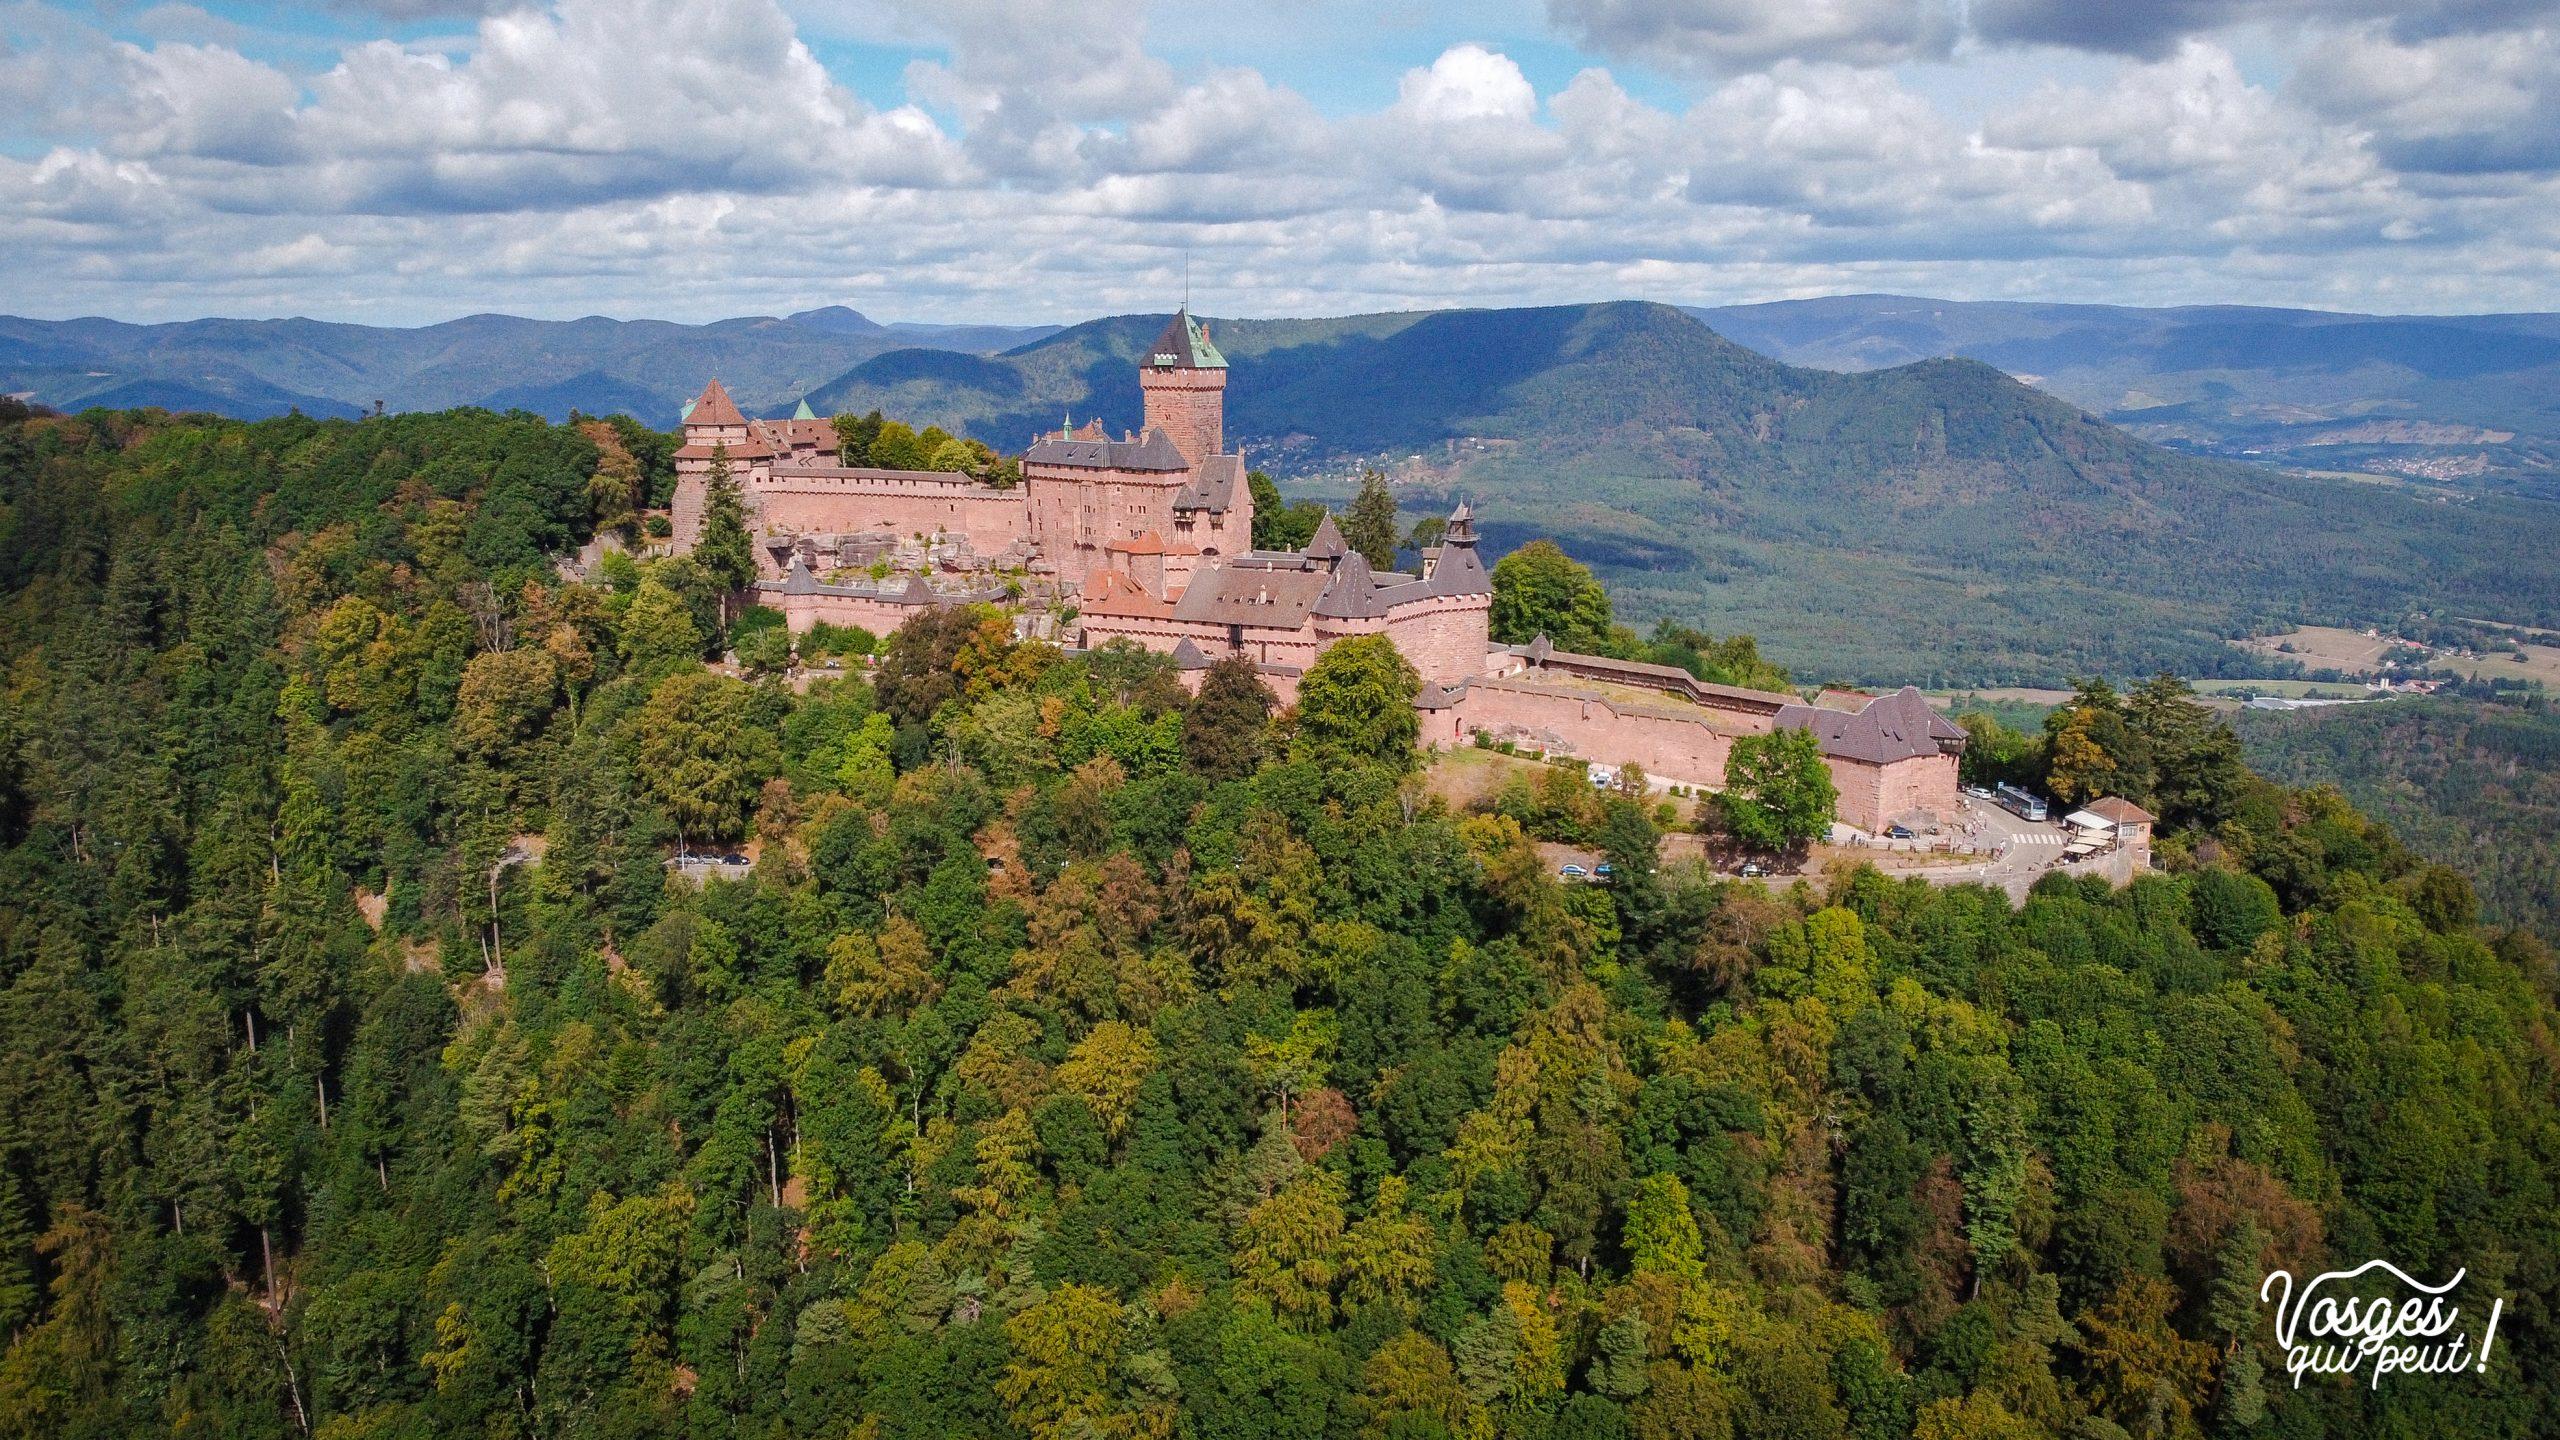 Vue aérienne du château du Haut-Kœnigsbourg dans les Vosges